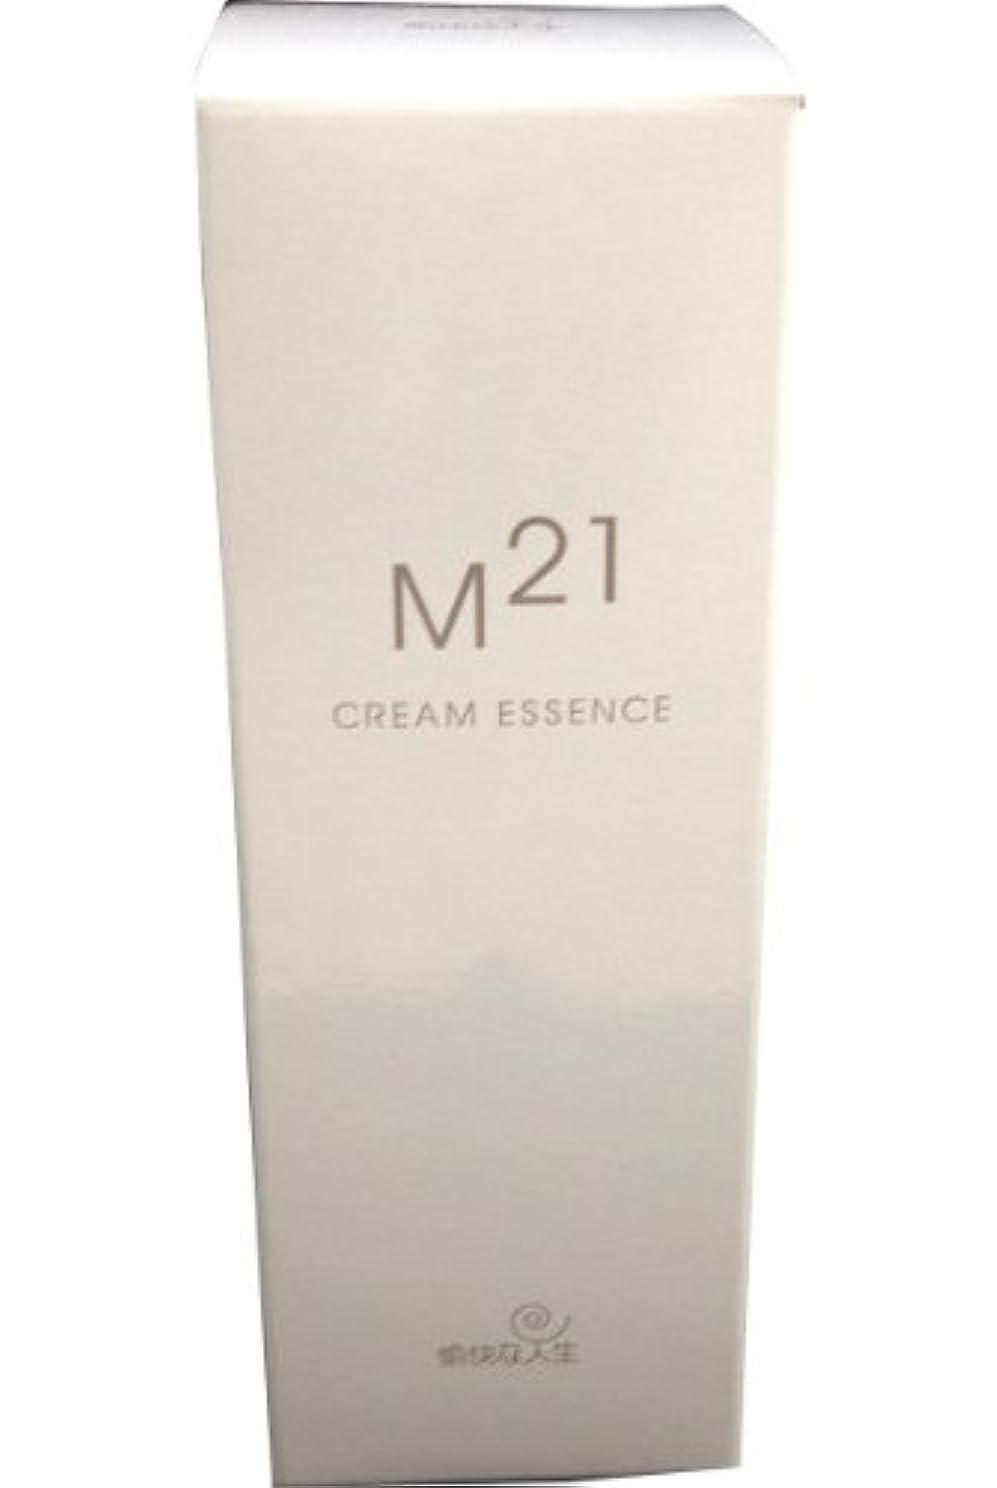 隠すジャンク異邦人M21クリームエッセンス 自然化粧品M21